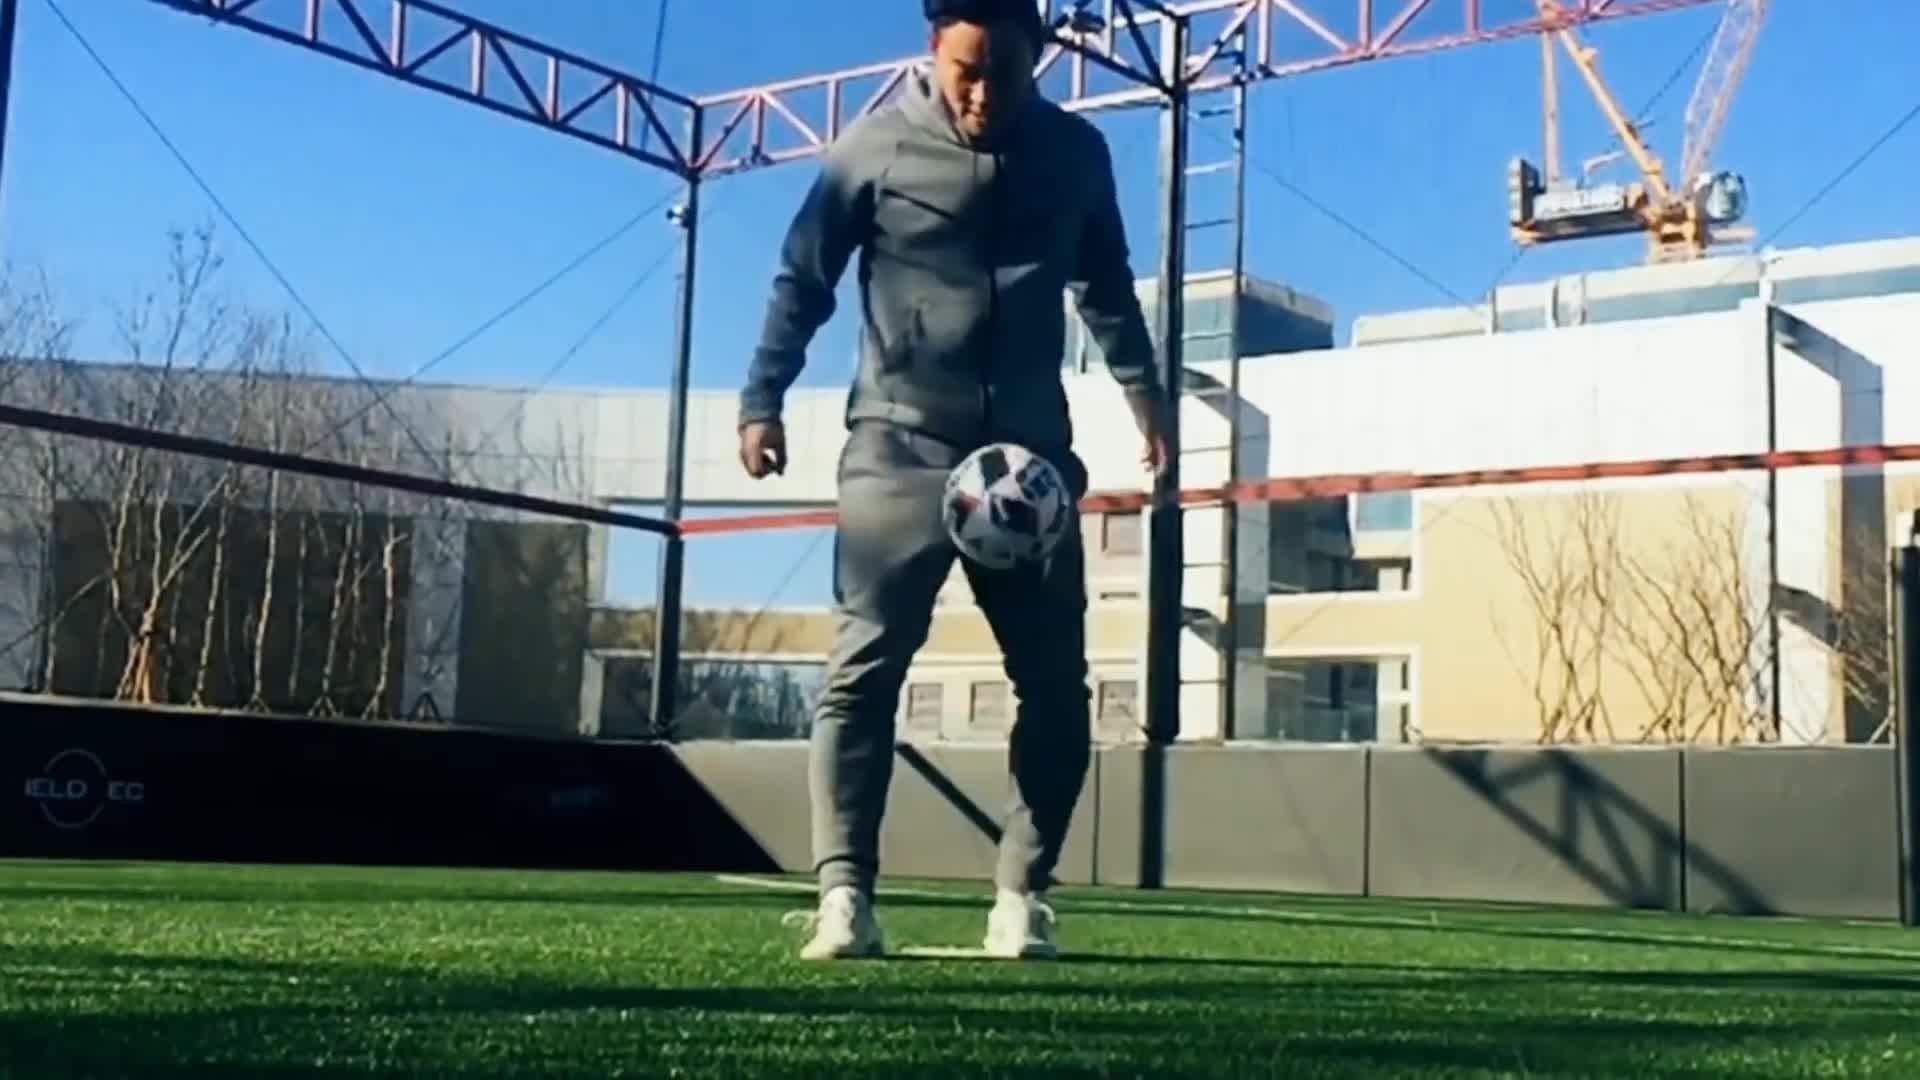 이것이 진정한 풋살이다 - Futsal with Ale Intro ㅣ GoAle Football